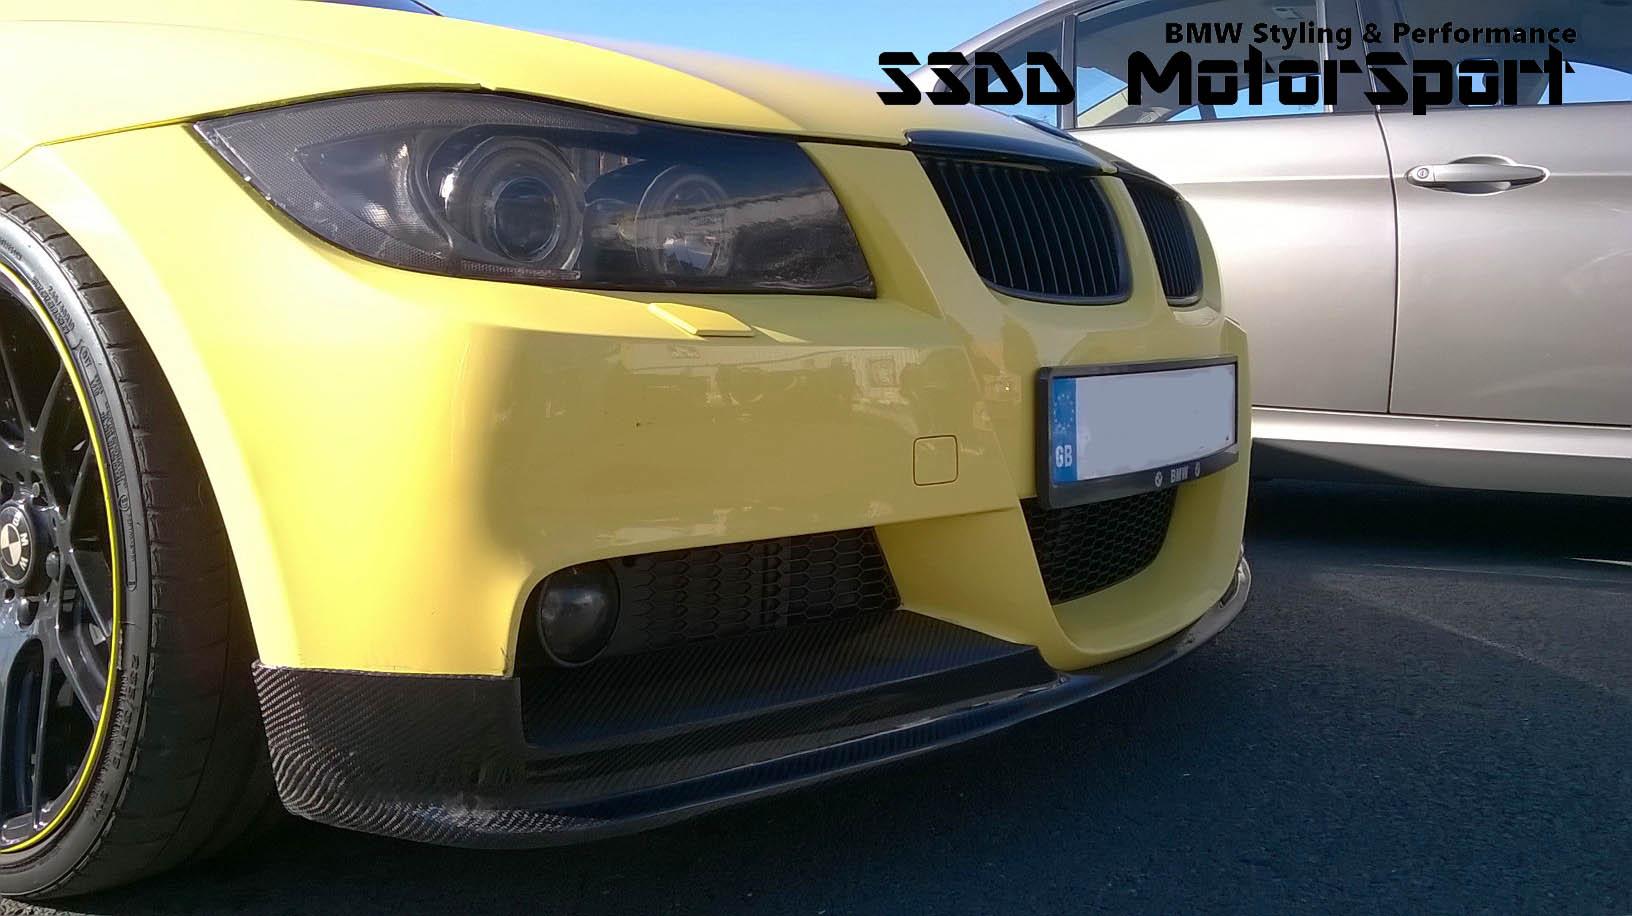 bmw-e90-e91-3d-front-carbon-splitter-full-length-3.jpg